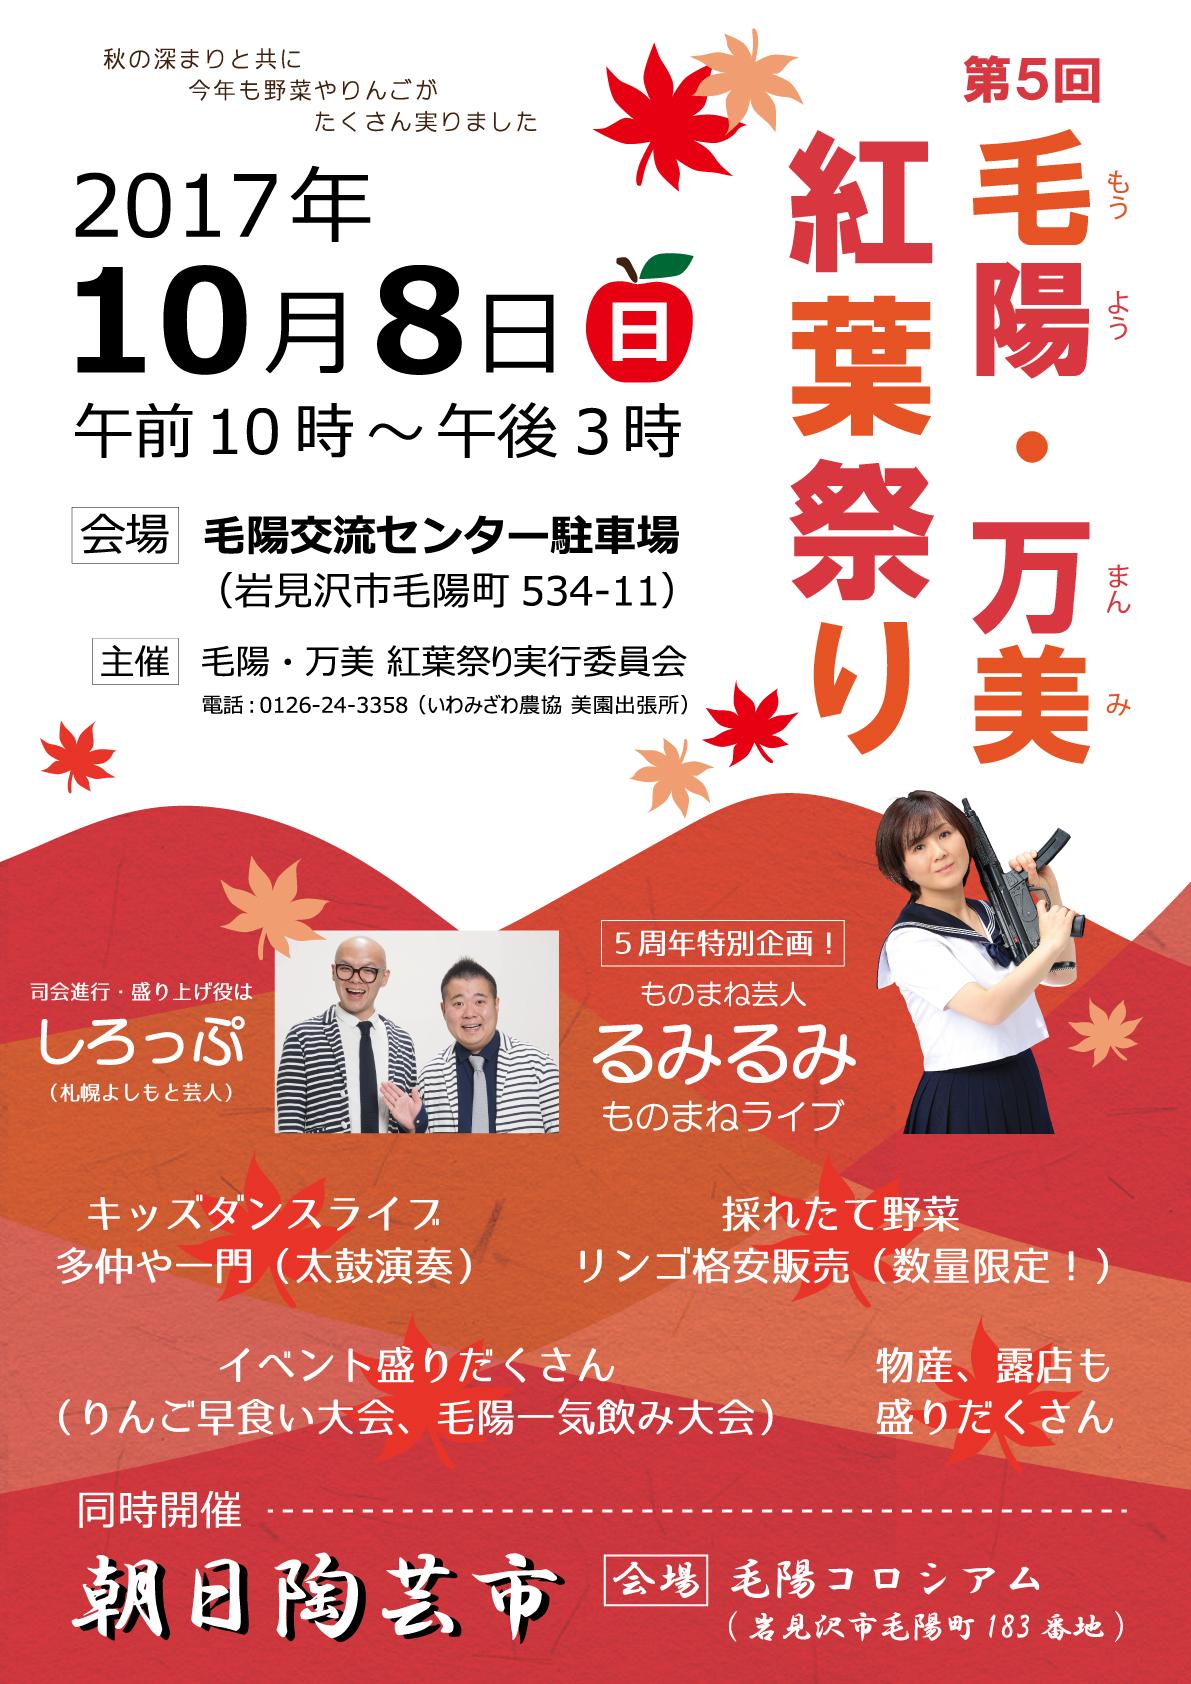 【JPEG】第5回紅葉祭りポスター